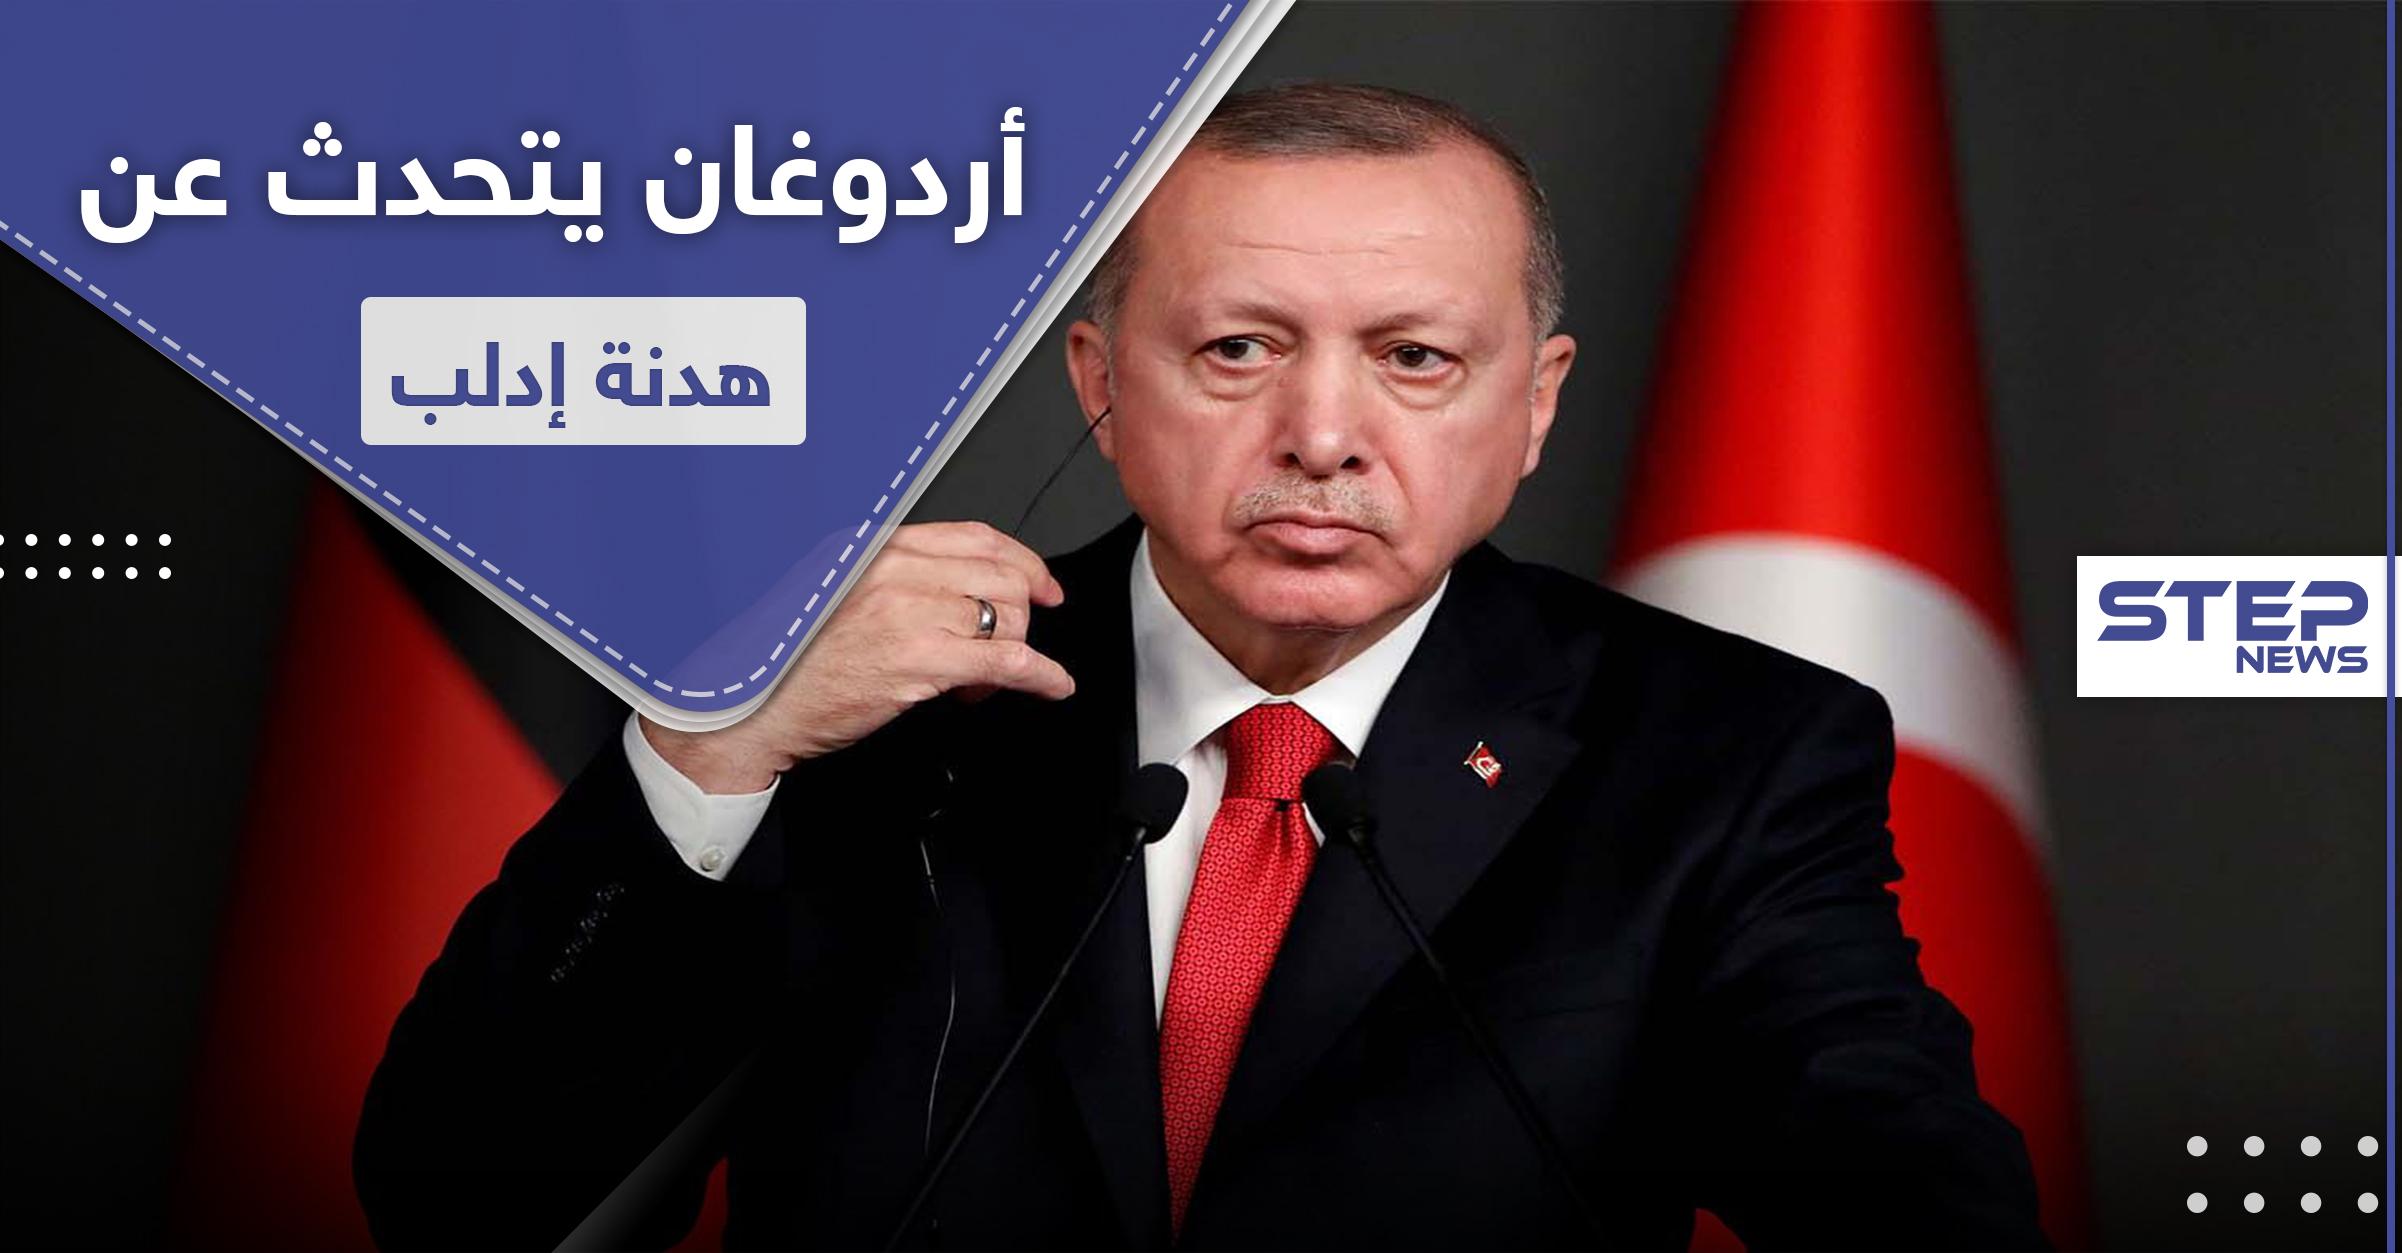 أردوغان يكشف عن آخر ما وصل إليه اتفاق وقف إطلاق النار في إدلب مع روسيا